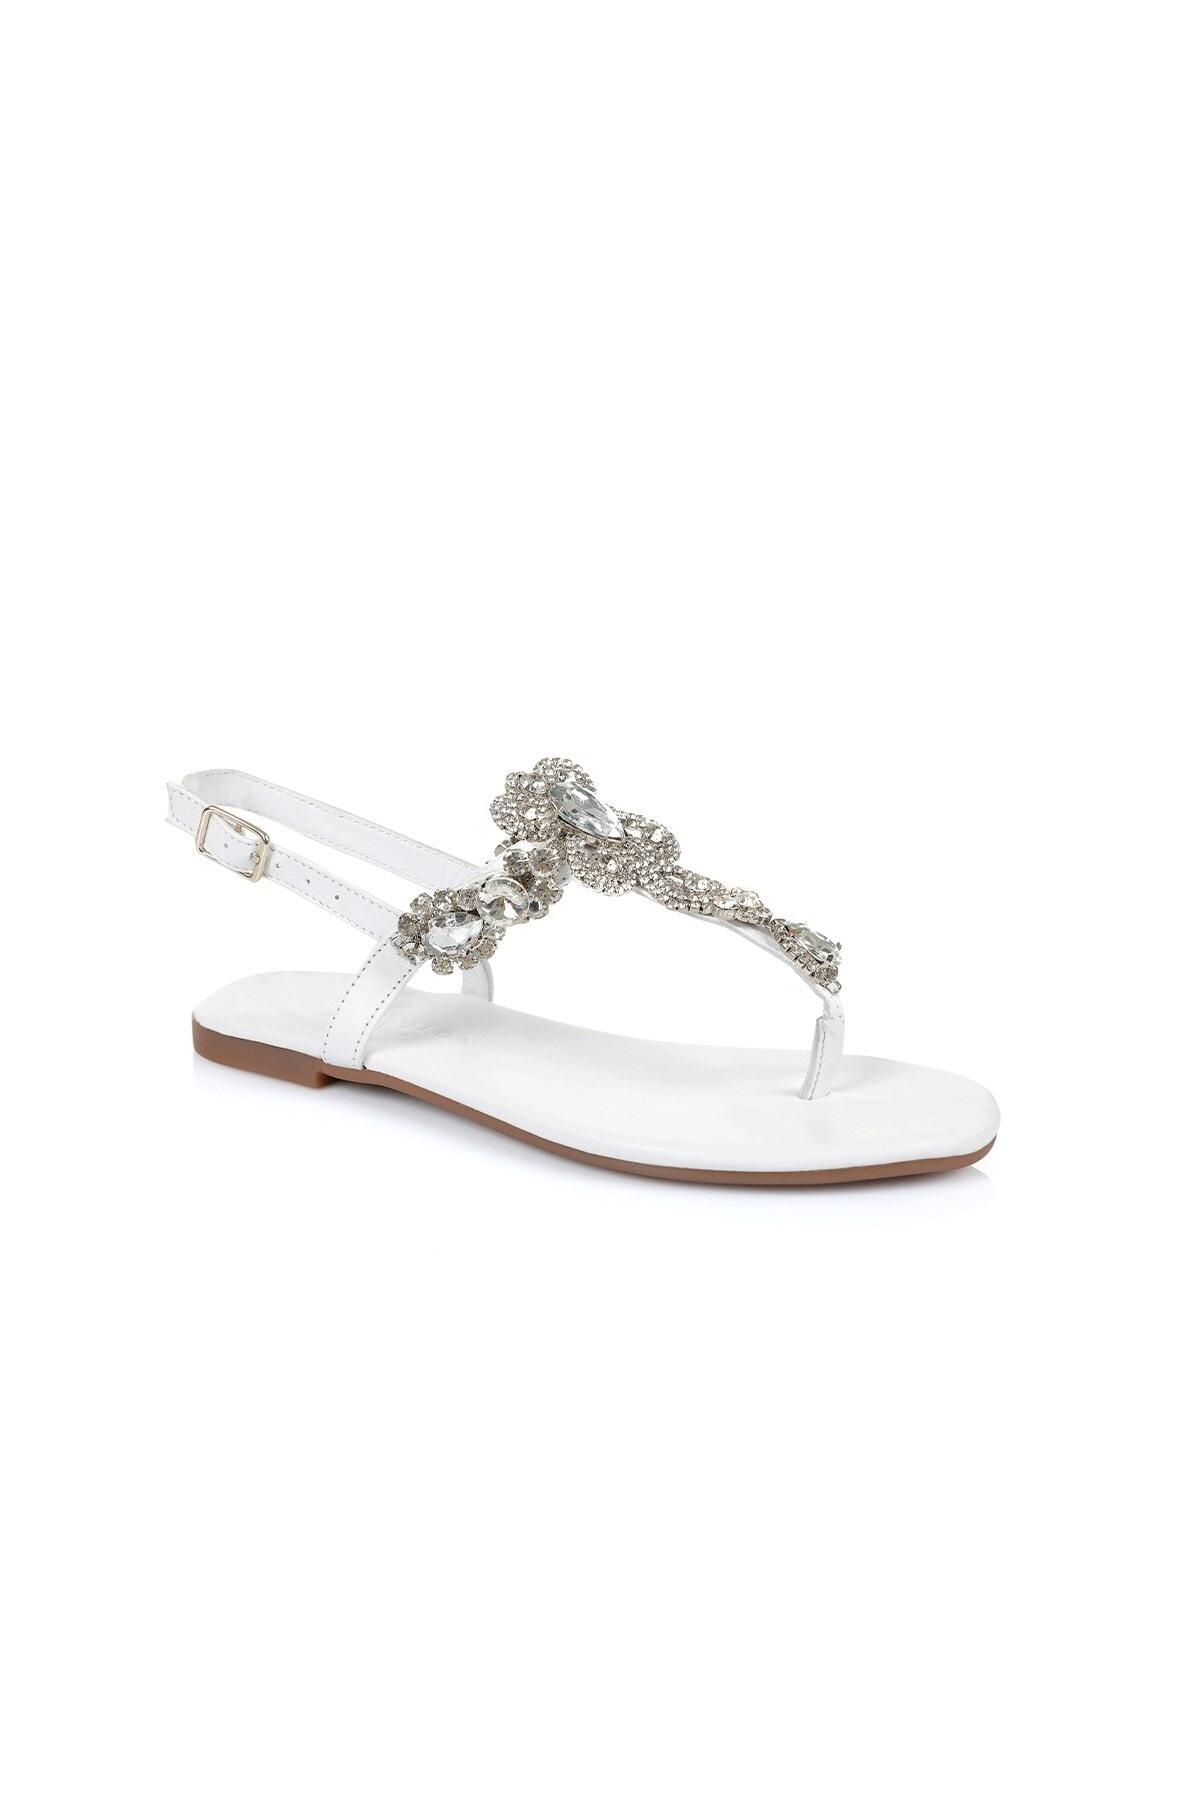 Oblavion Lavin Hakiki Deri Beyaz Taşlı Sandalet 2